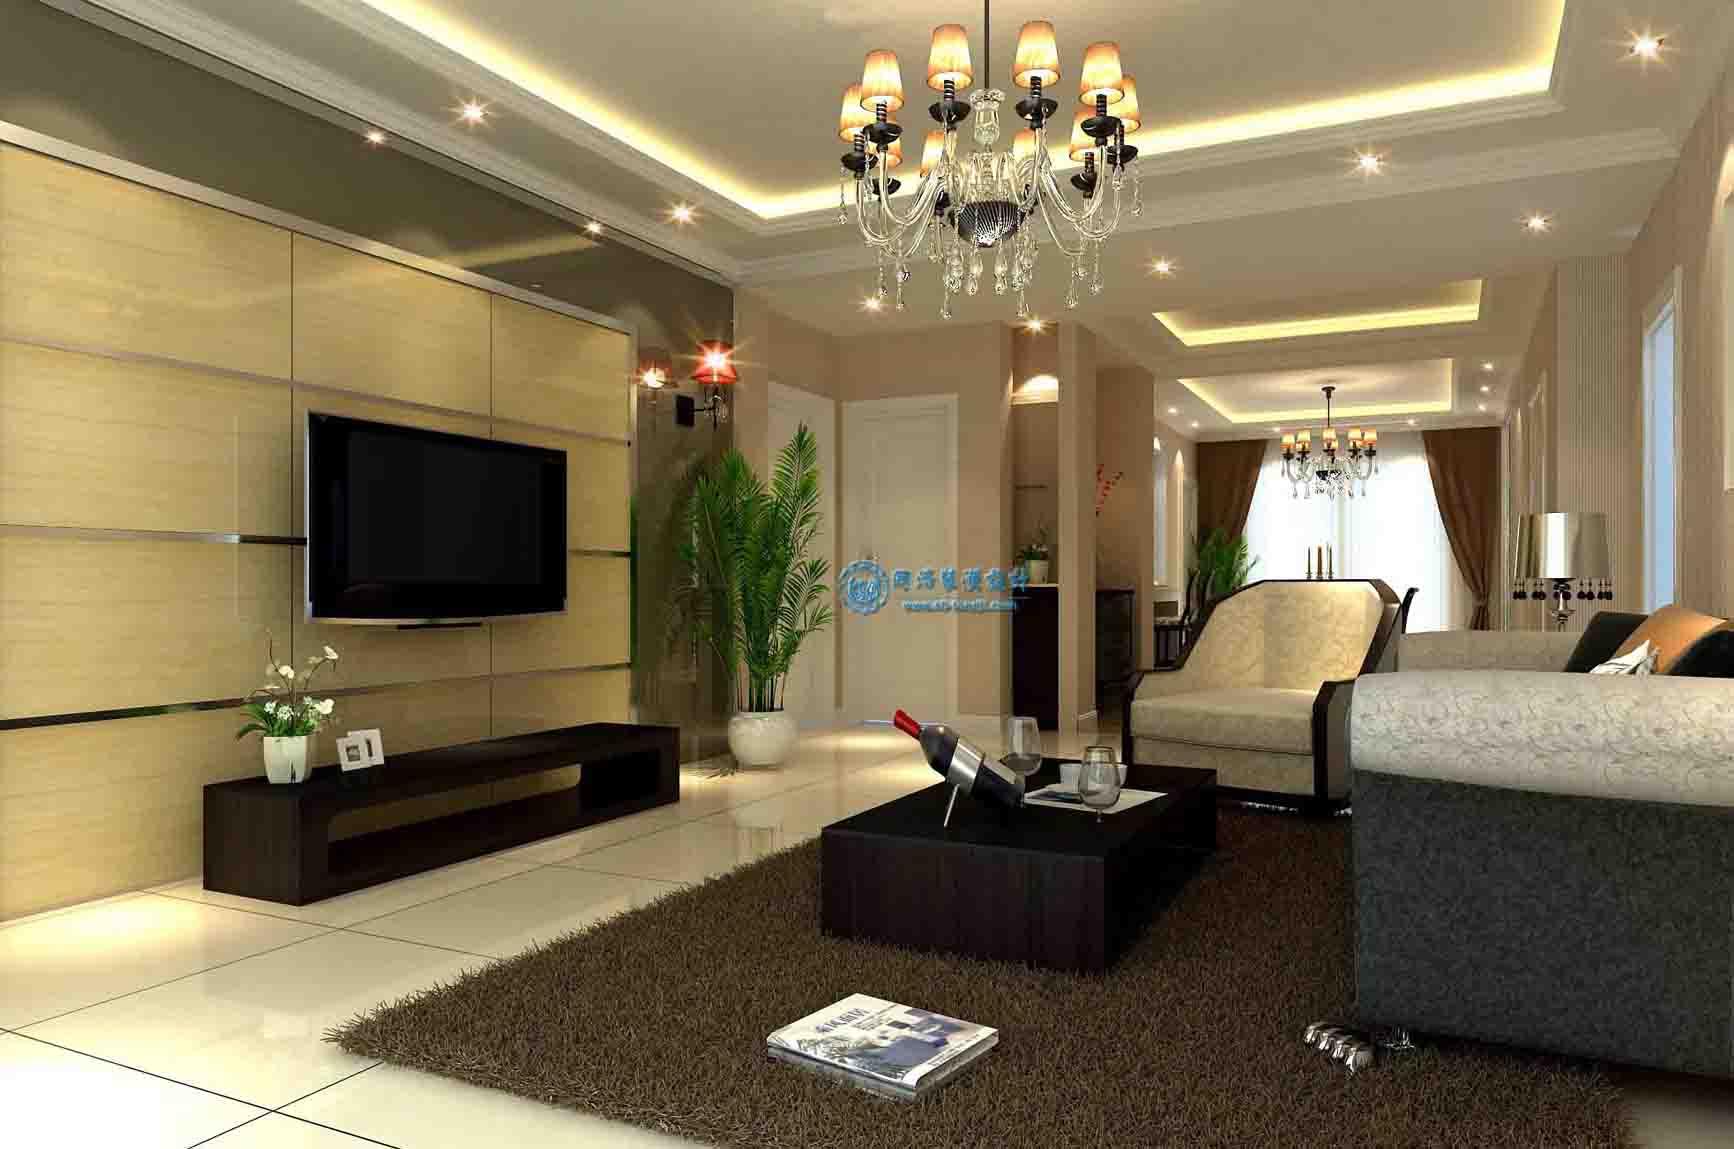 [供应]简约温馨 现代白领客厅装修 效果图同济装潢设计